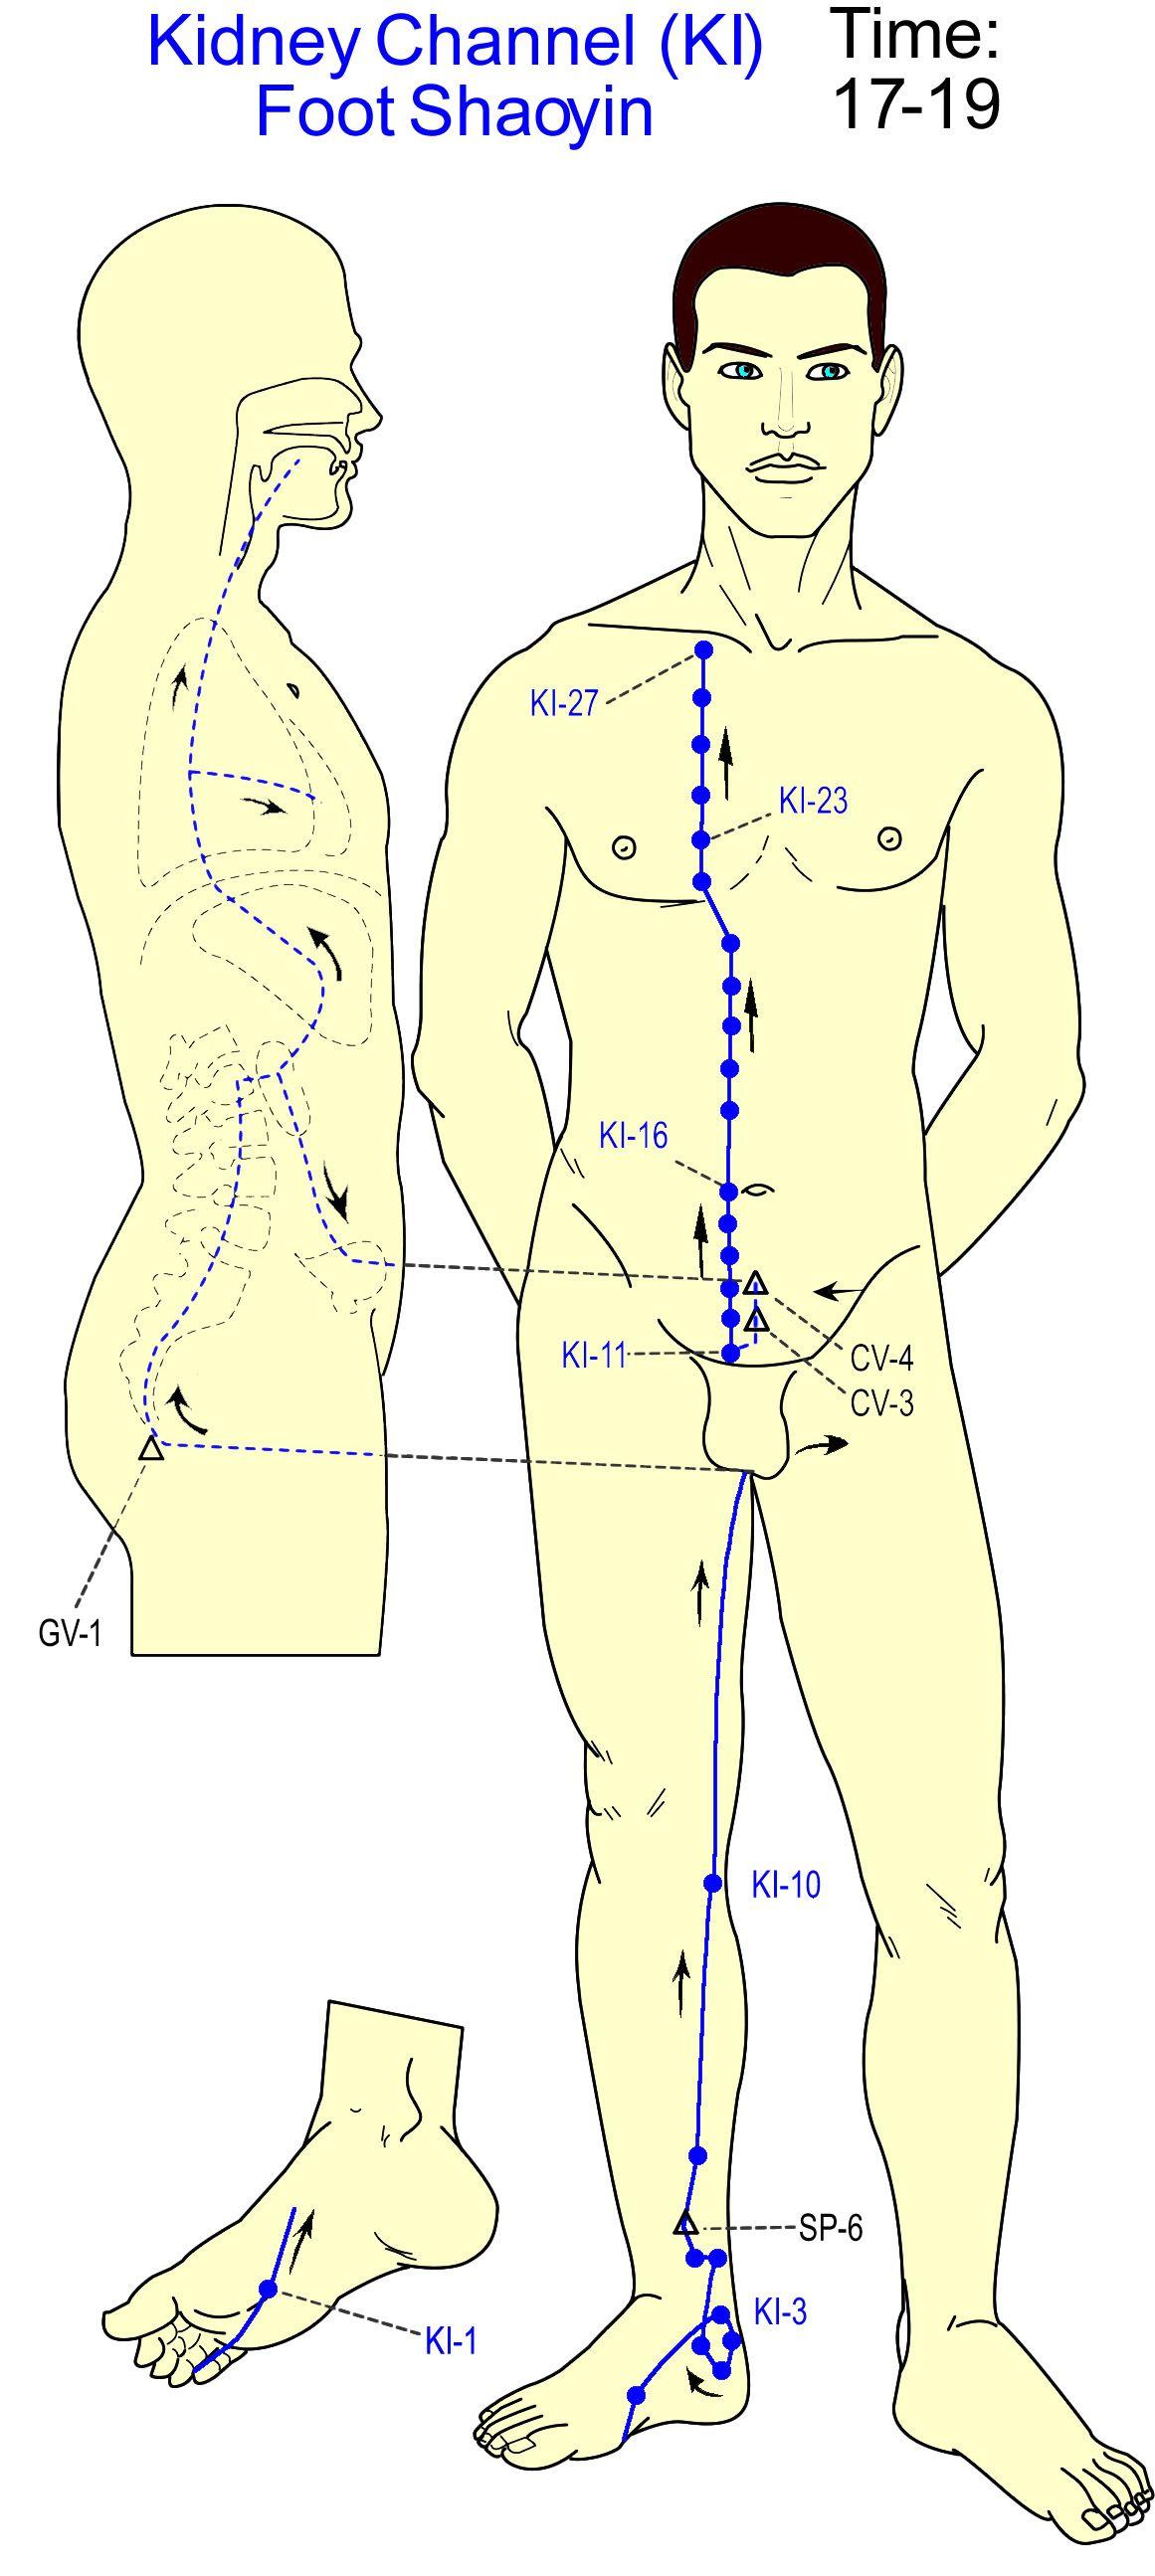 Kidney Channel Repinned by www.academ.nl/ & www.medischeqigong.com #qigong #acupuncture #health